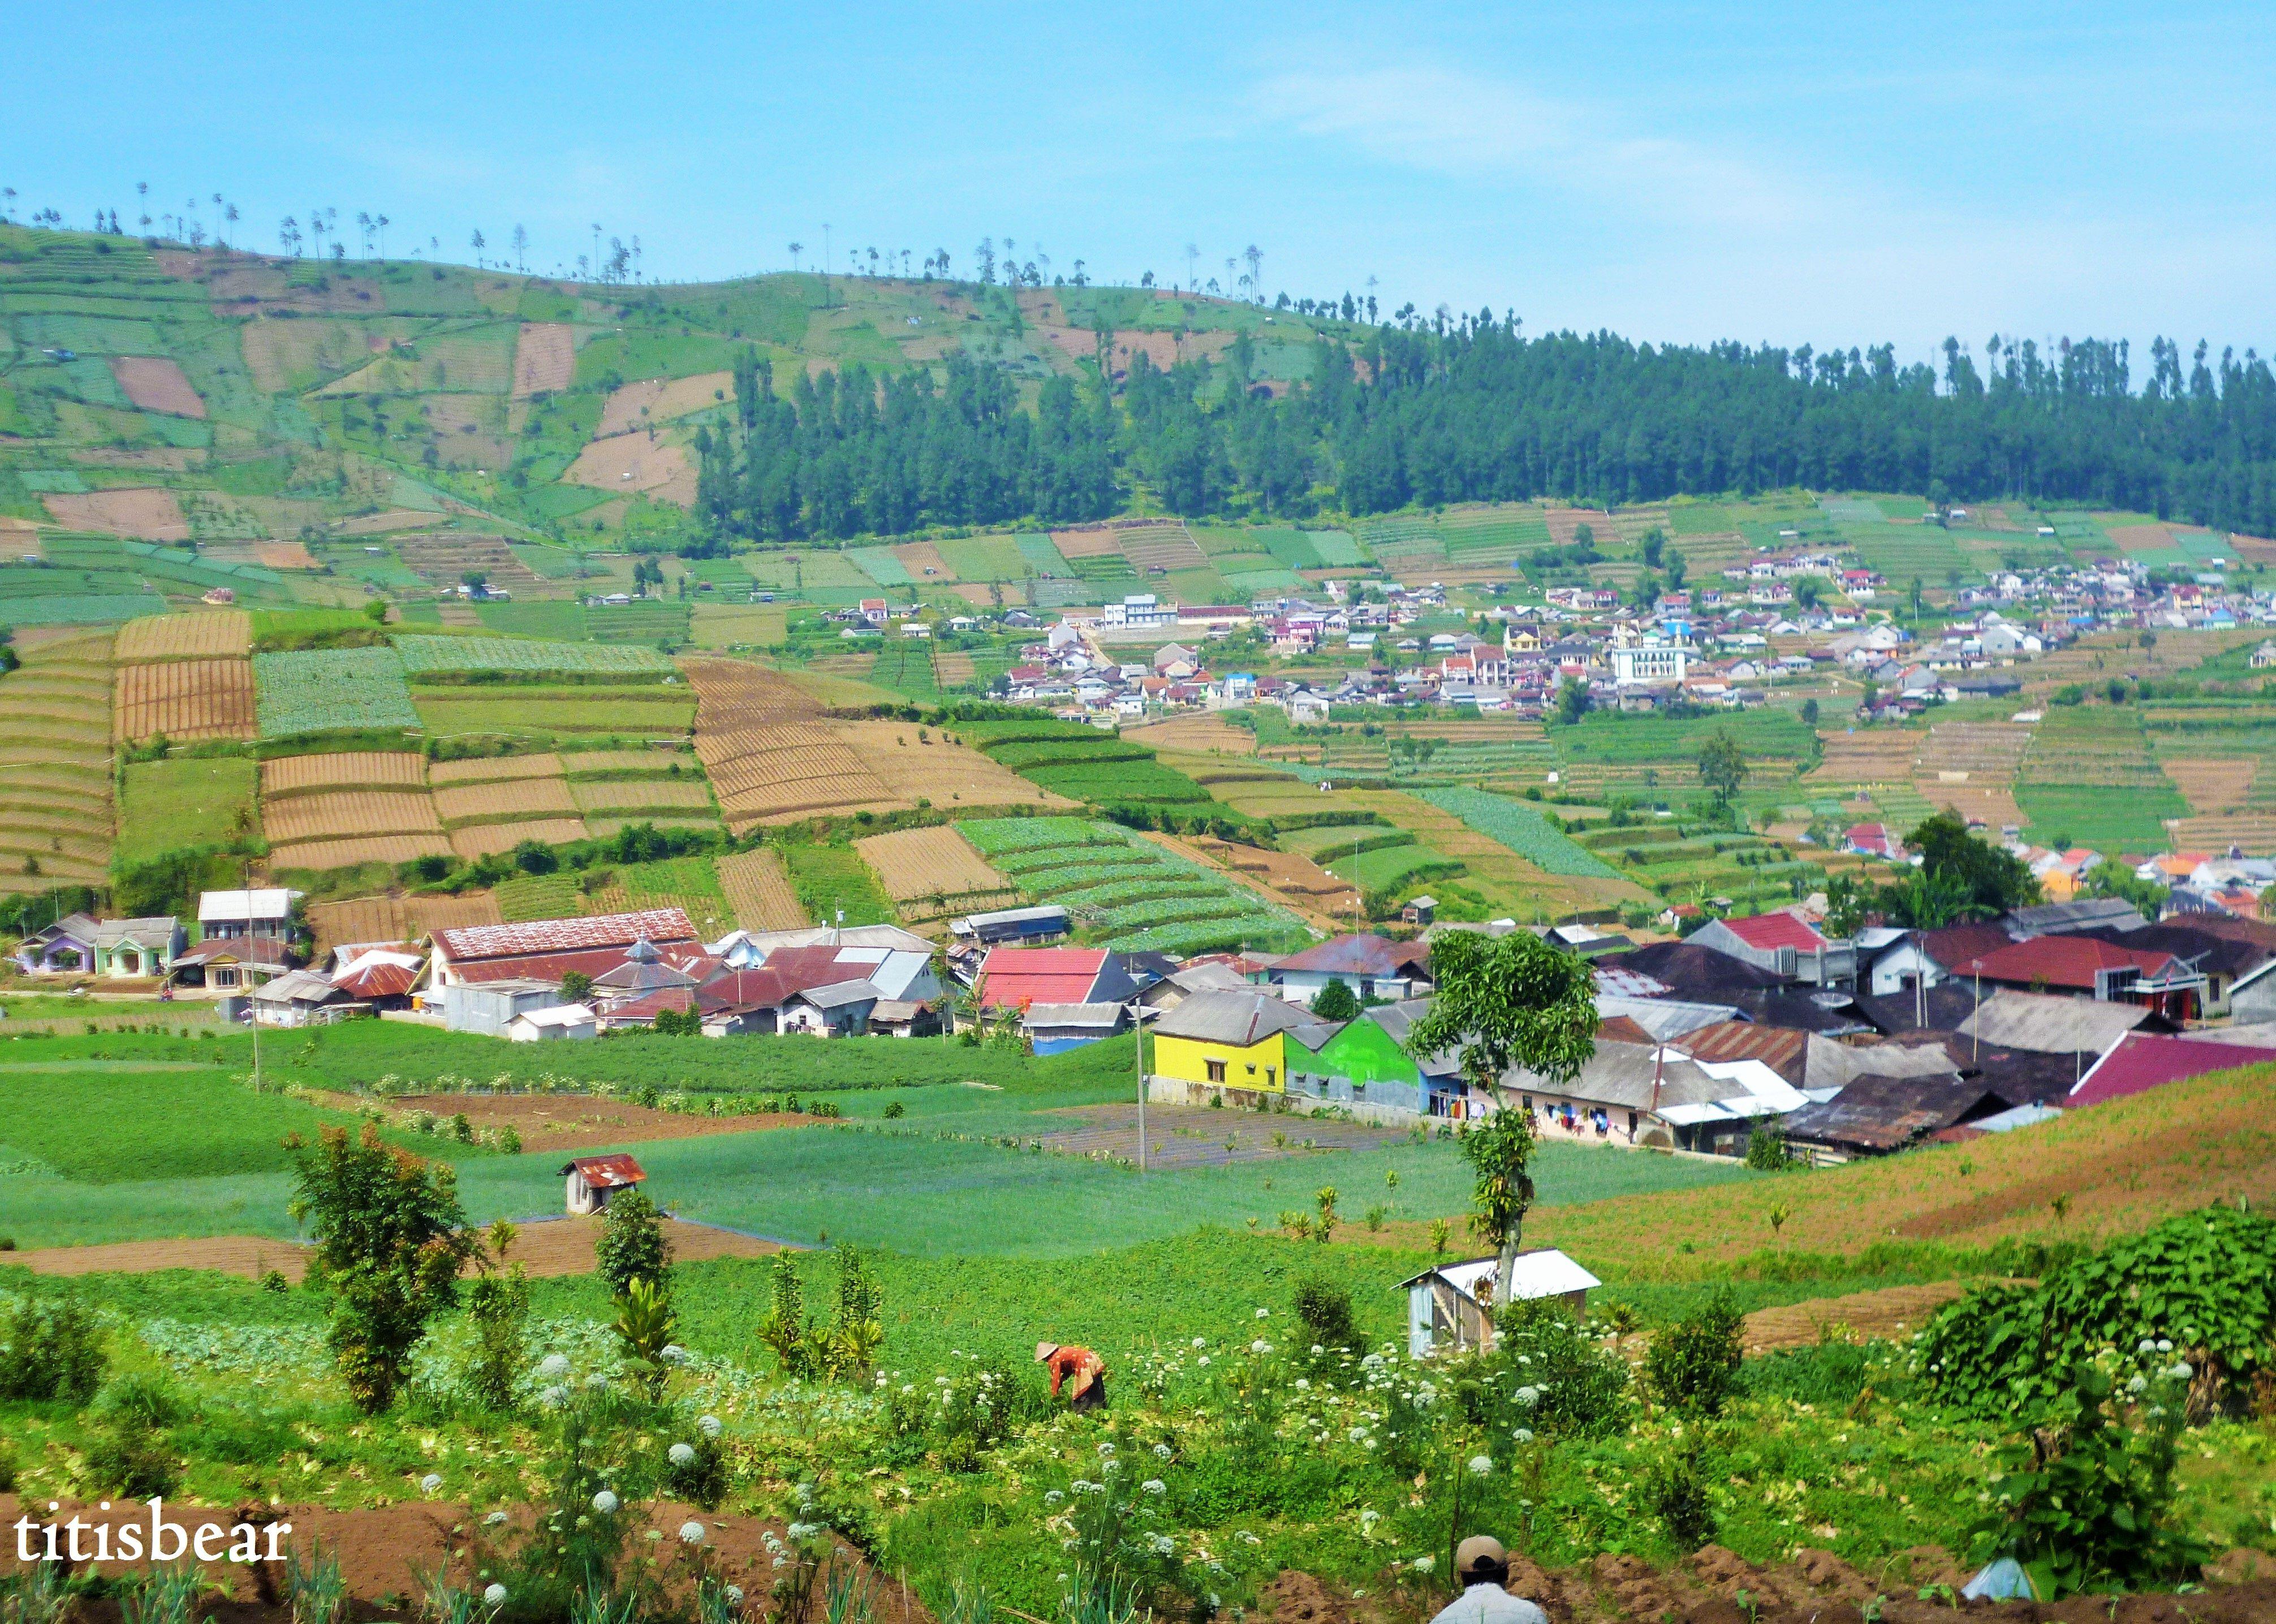 kaki gunung slamet desa batursari kabupaten tegal jawa tengah